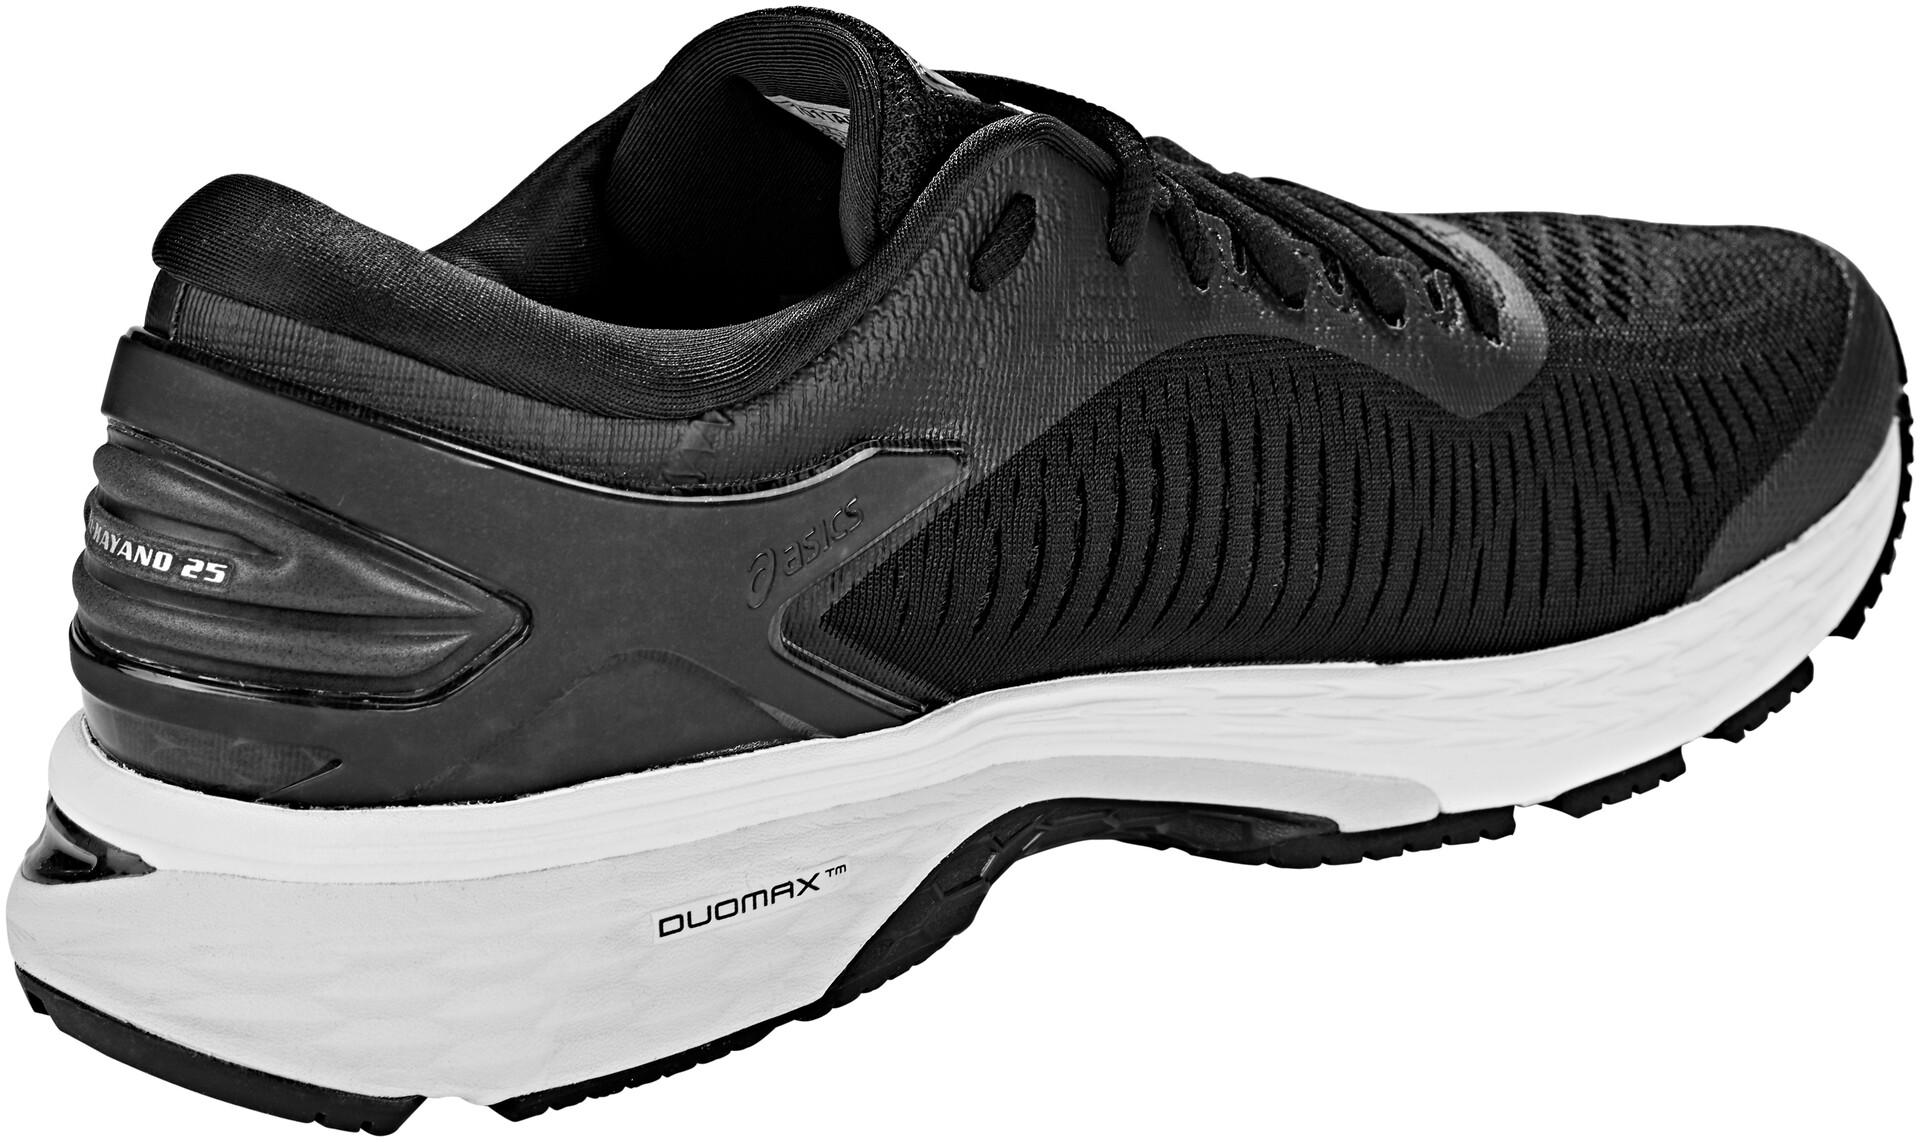 HommeBlackglacier 25 Gel Chaussures Asics Grey Kayano N0n8mw